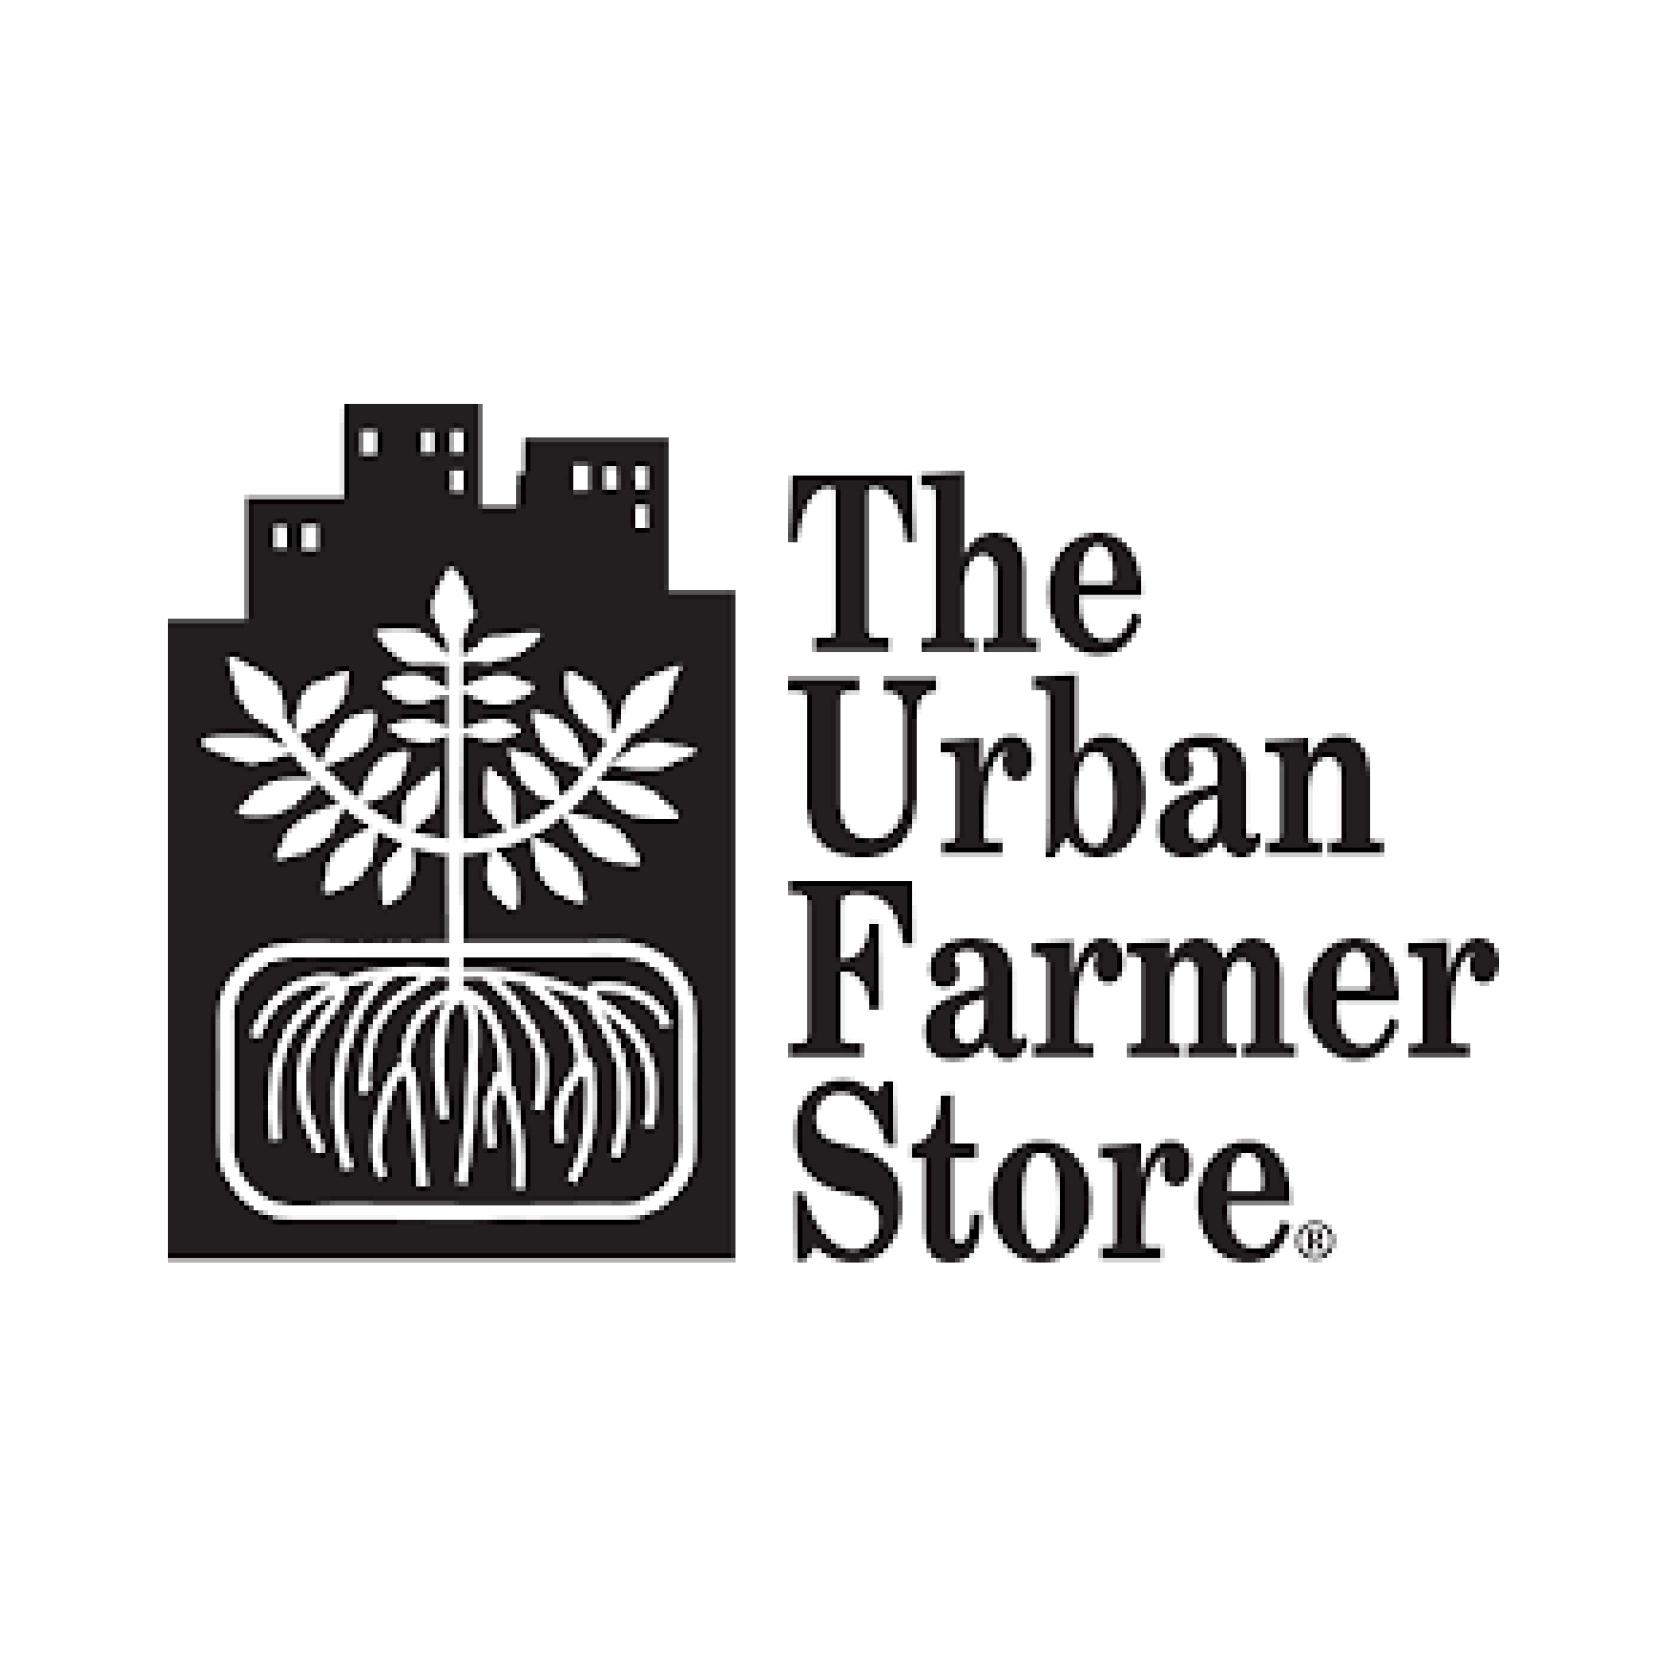 urbanfarmer.jpg